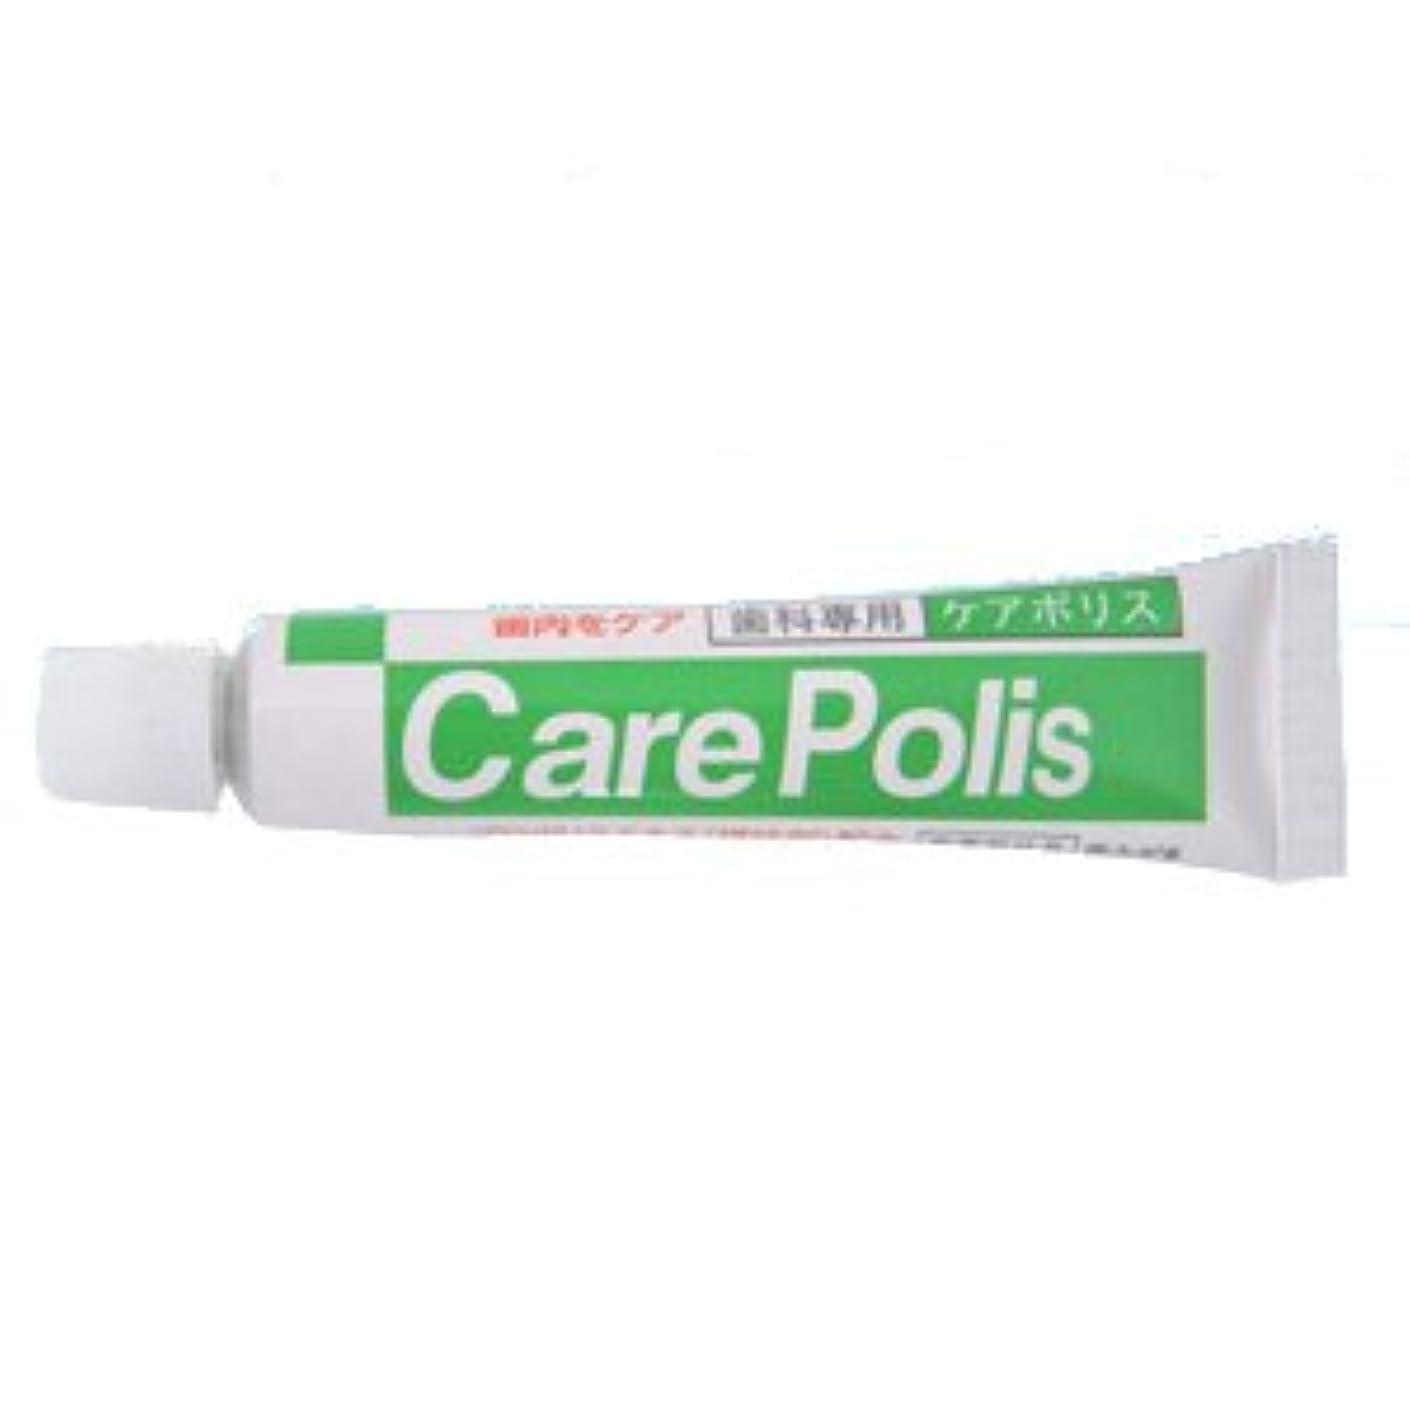 気まぐれな謝るバレル薬用歯磨 ケアポリス 7g 医薬部外品